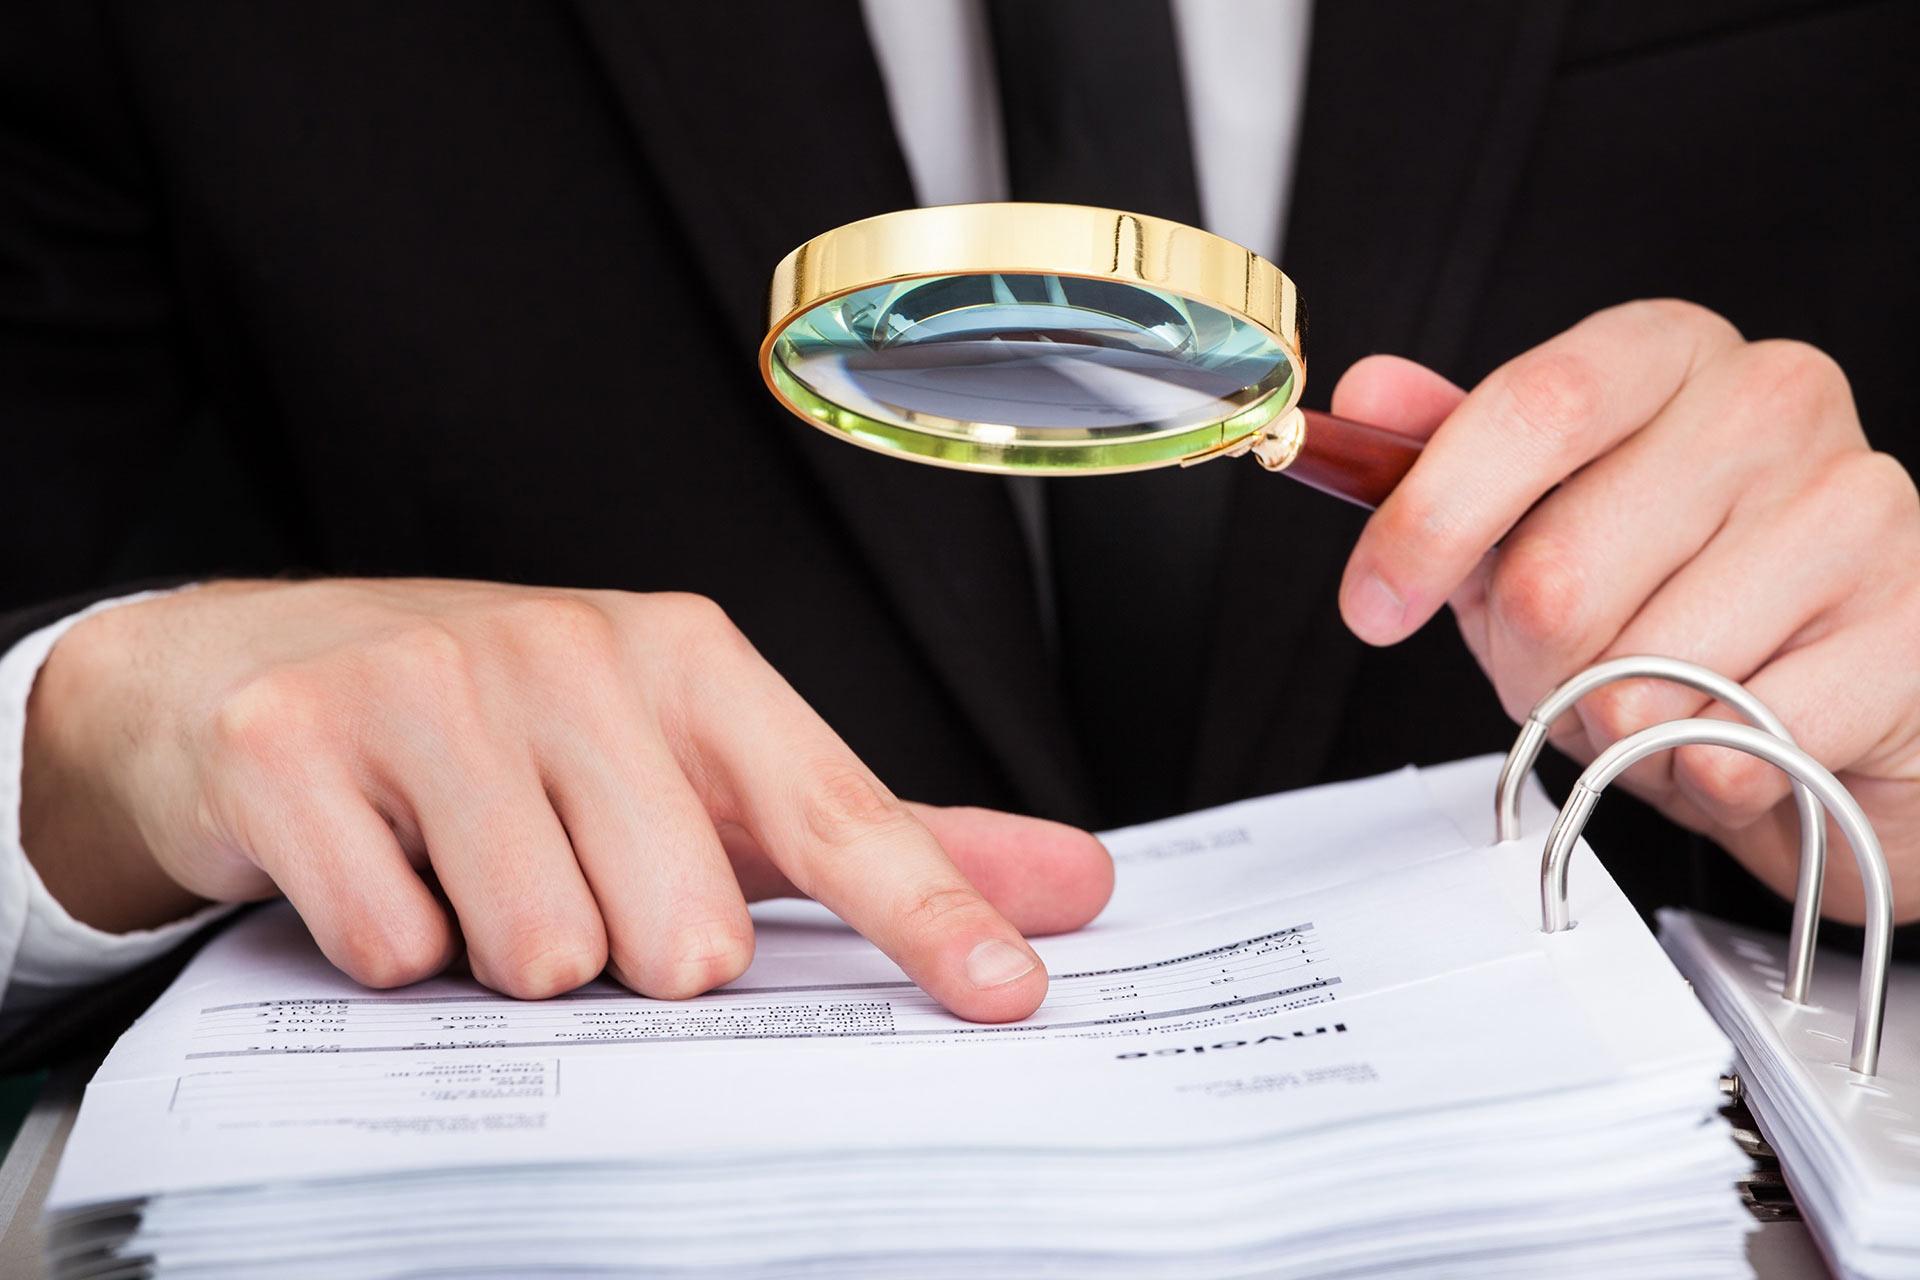 Бесплатный вебинар: Налоговые проверки: проверь свой бизнес как налоговый инспектор